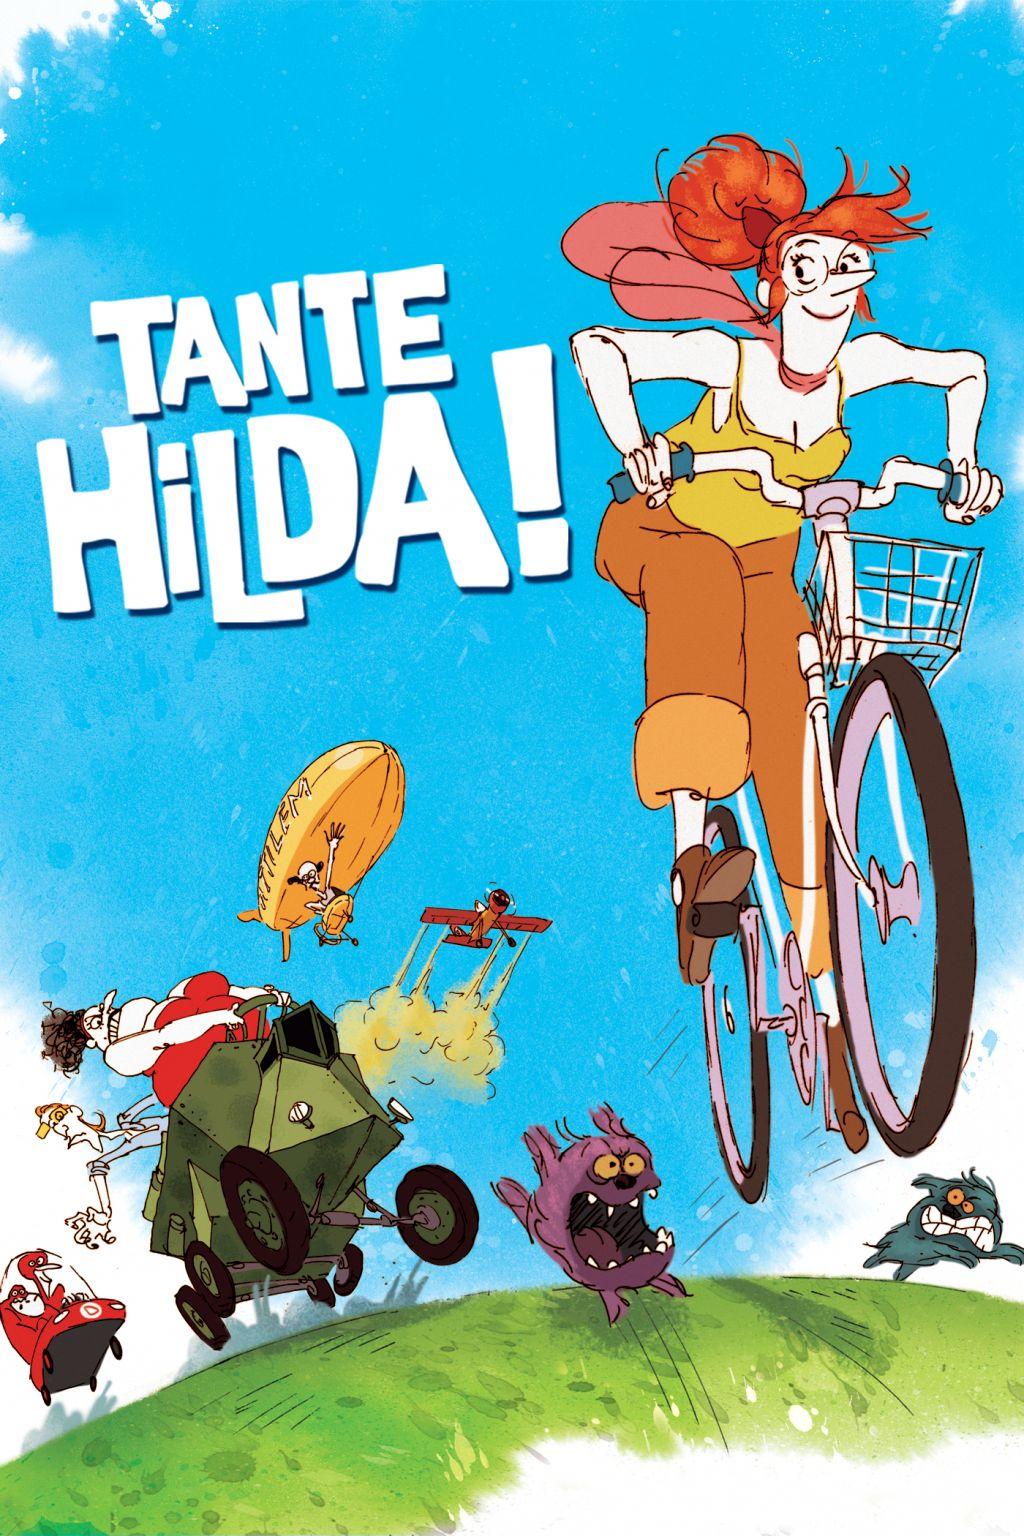 Aunt Hilda